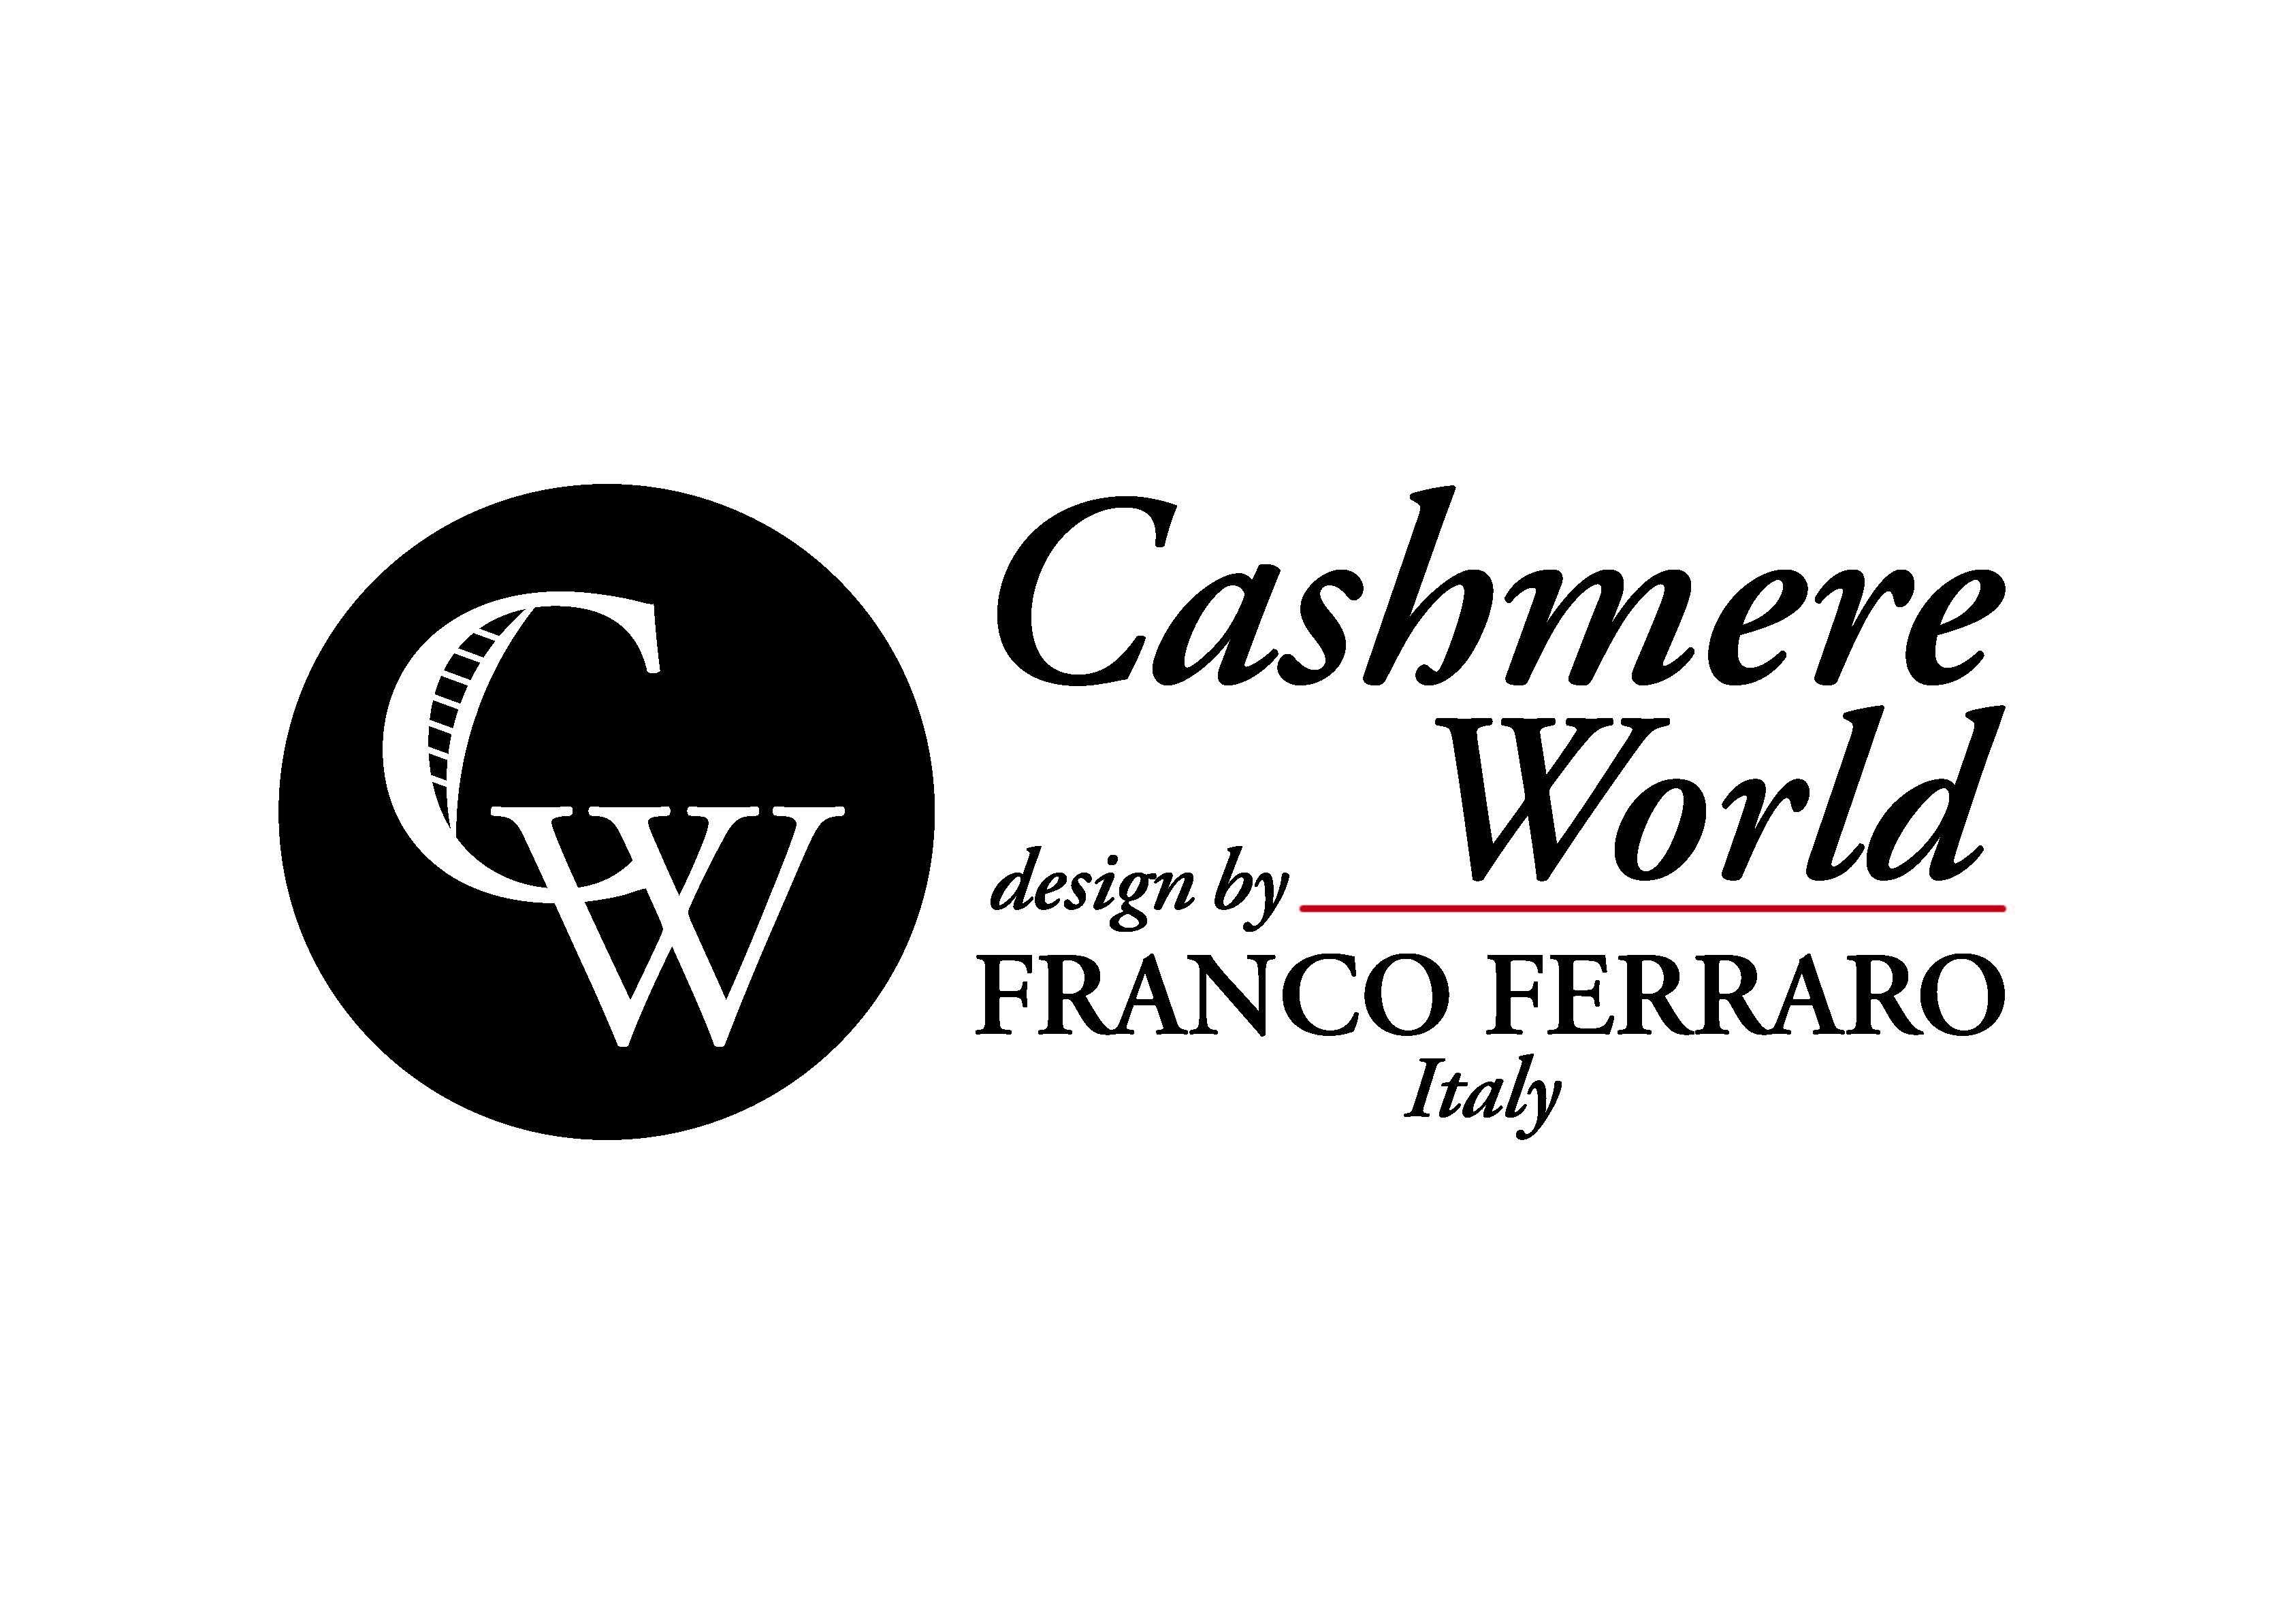 Cashmere World design by Franco Ferraro